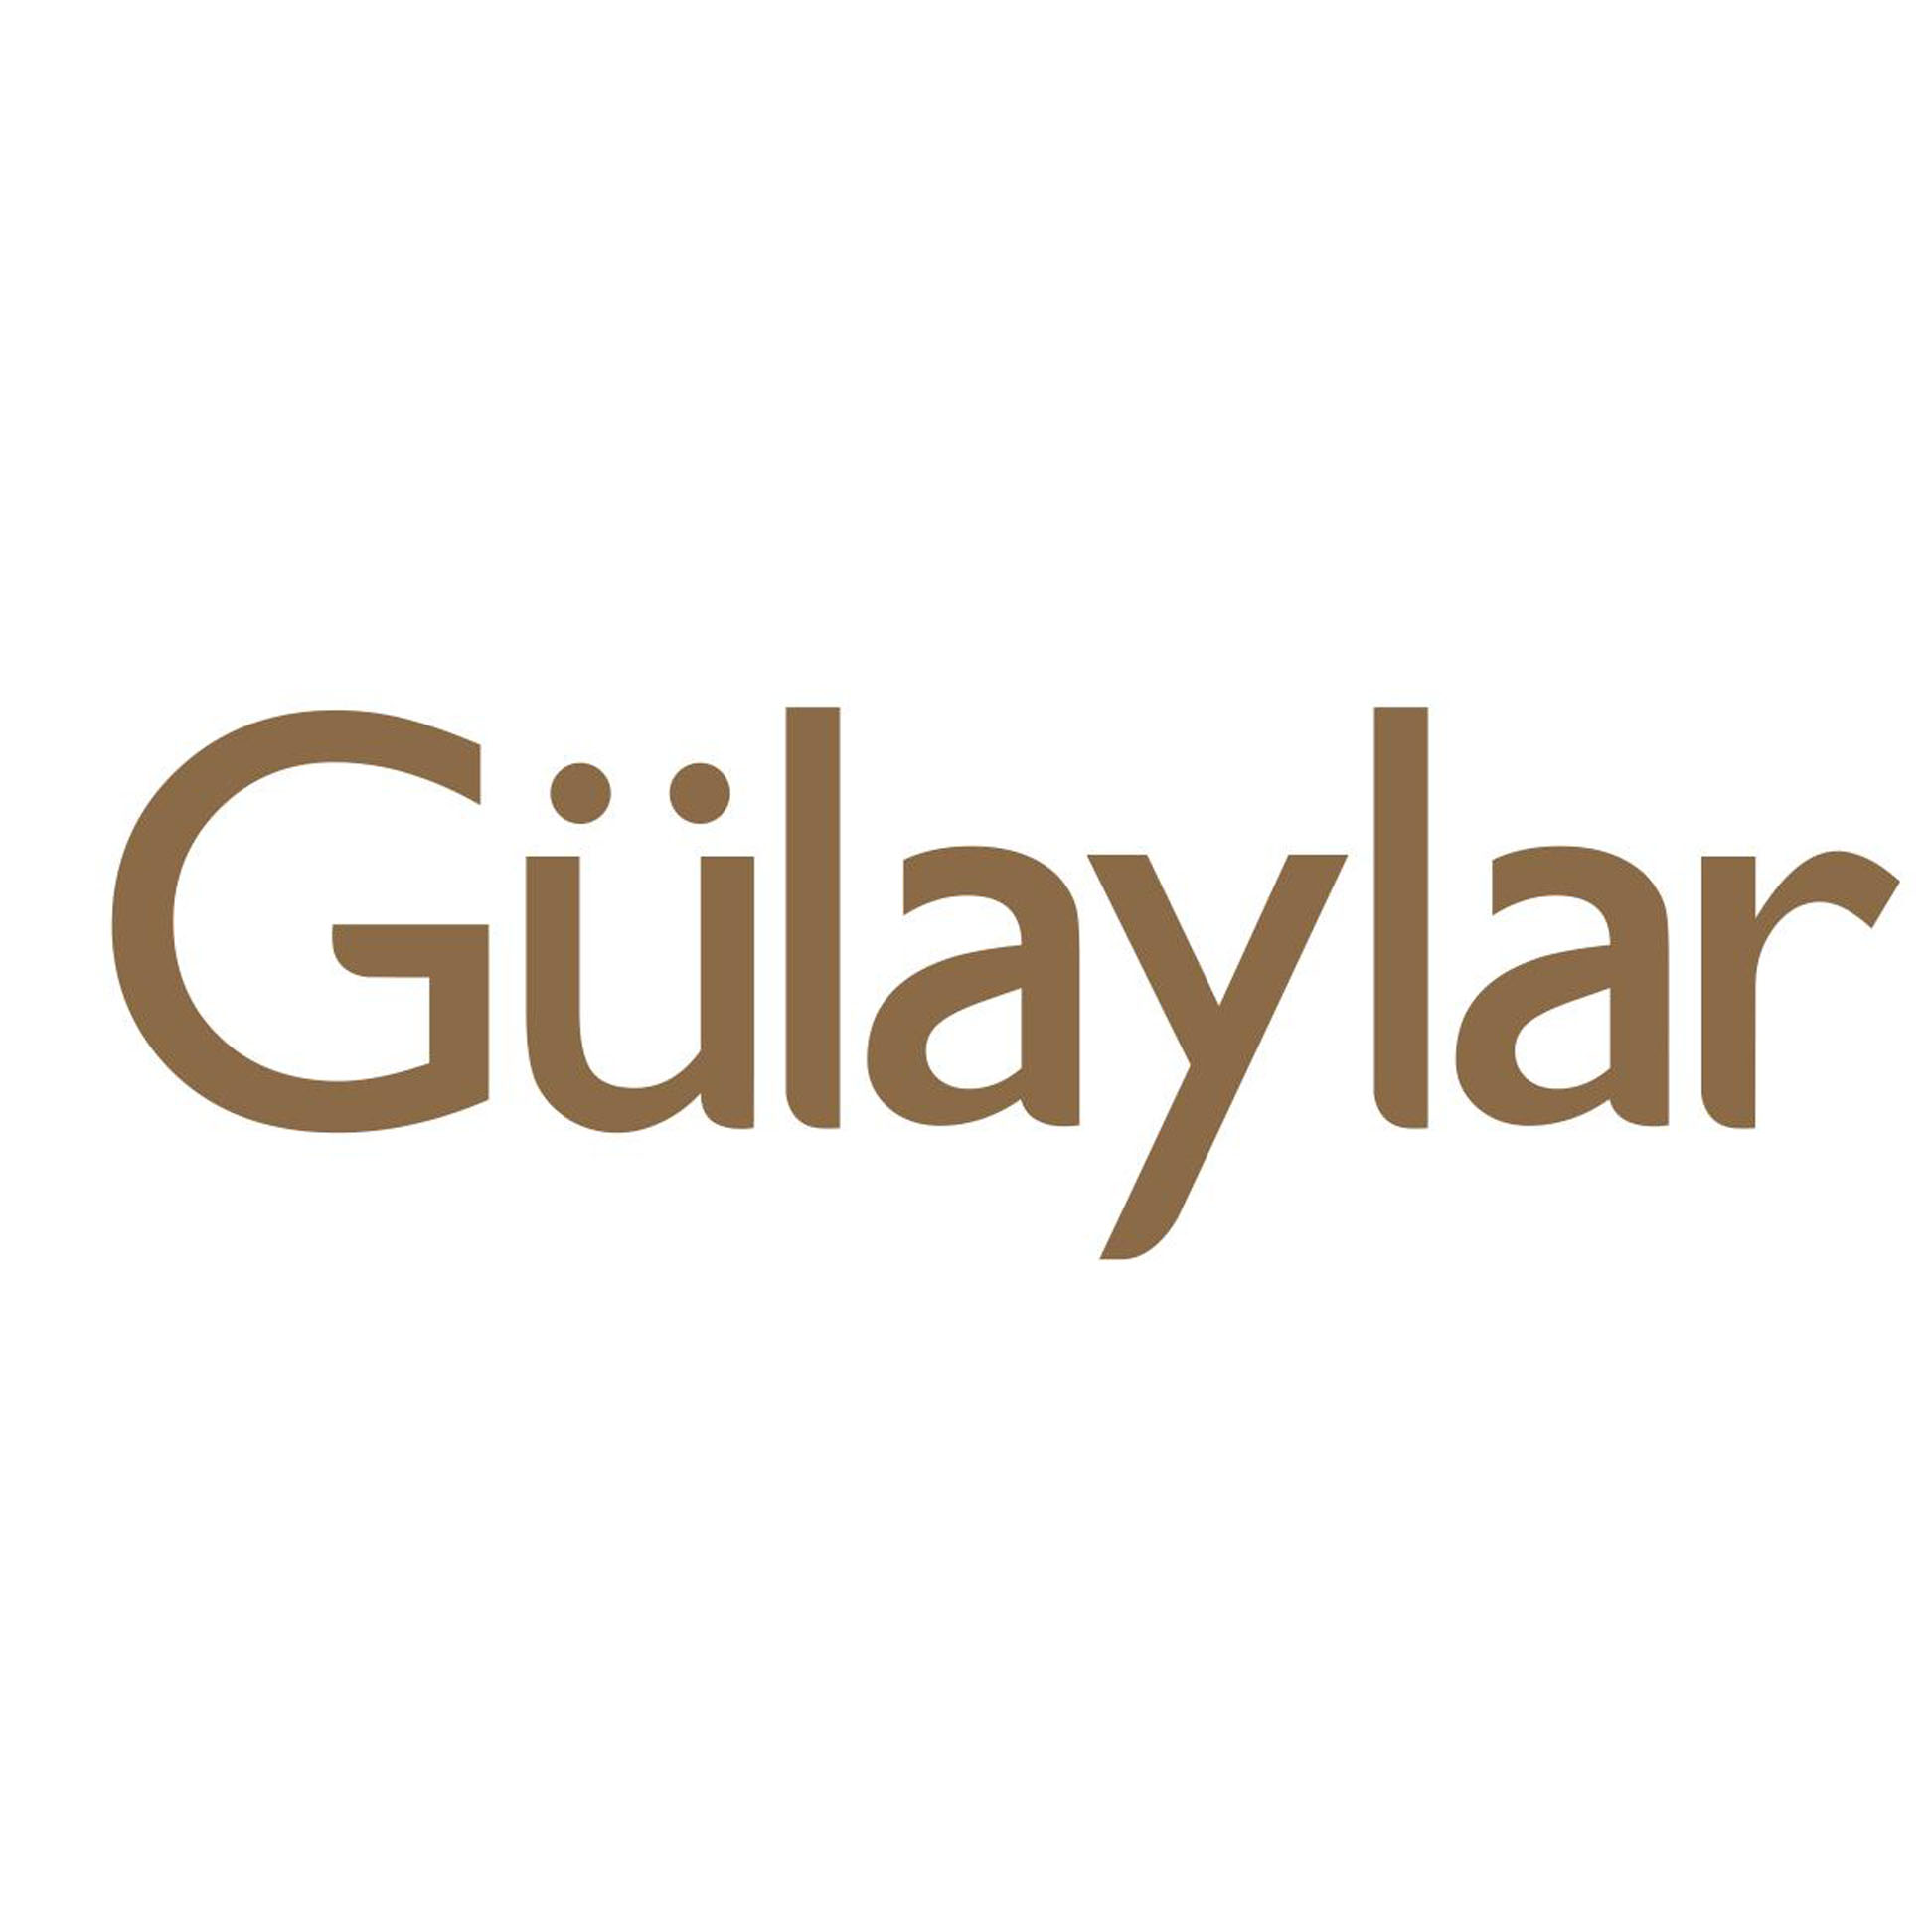 gulaylar_logo